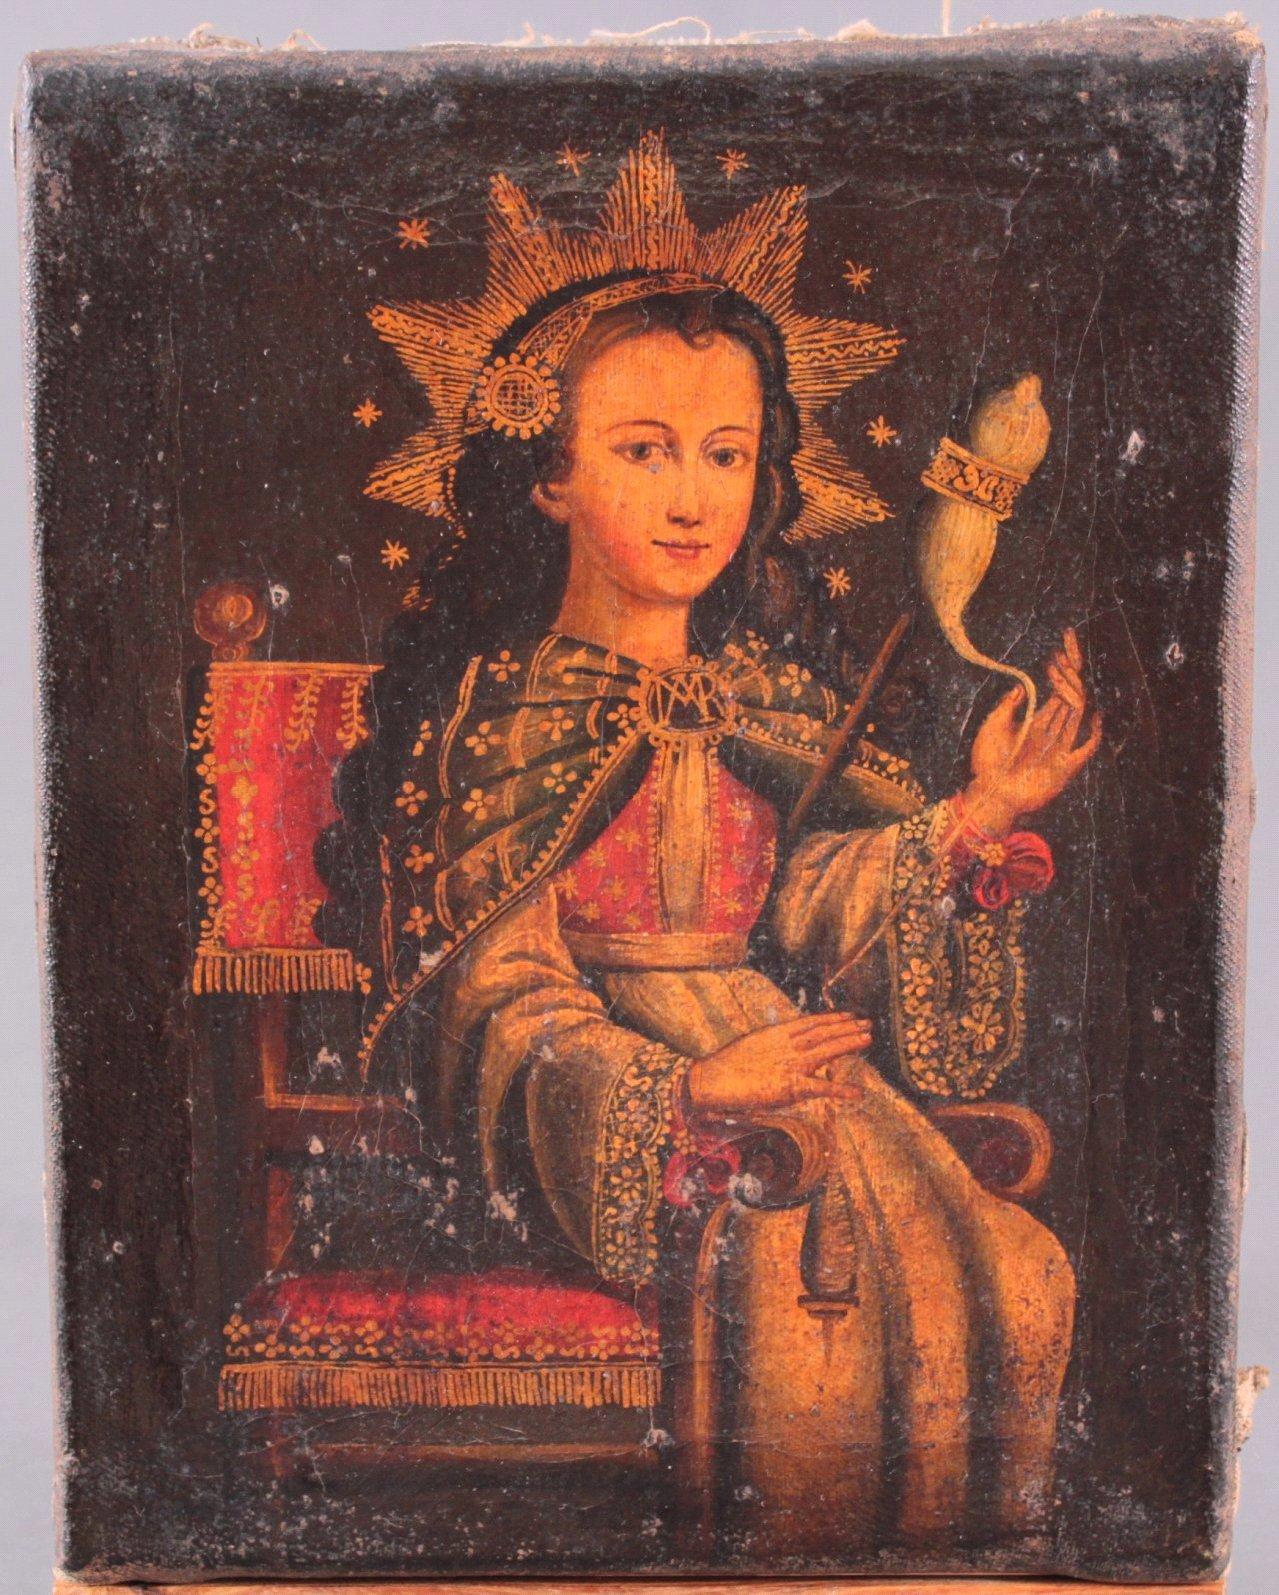 Künstler des 16./17. Jahrhundert. Jungfrau Maria mit Spindel